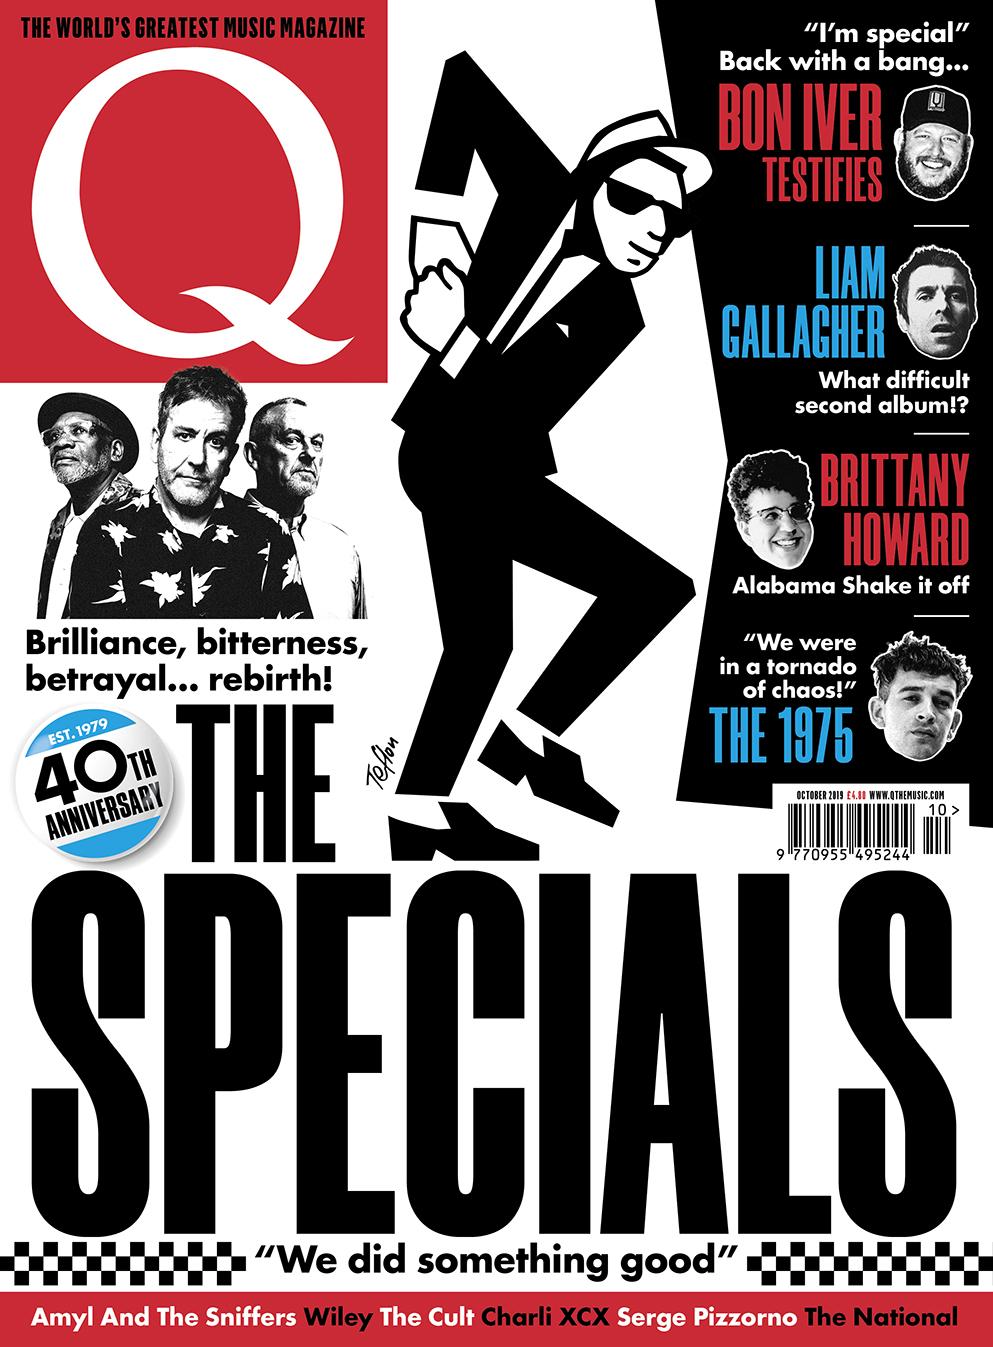 The Specials \u2014 Articles \u2014 Q Magazine